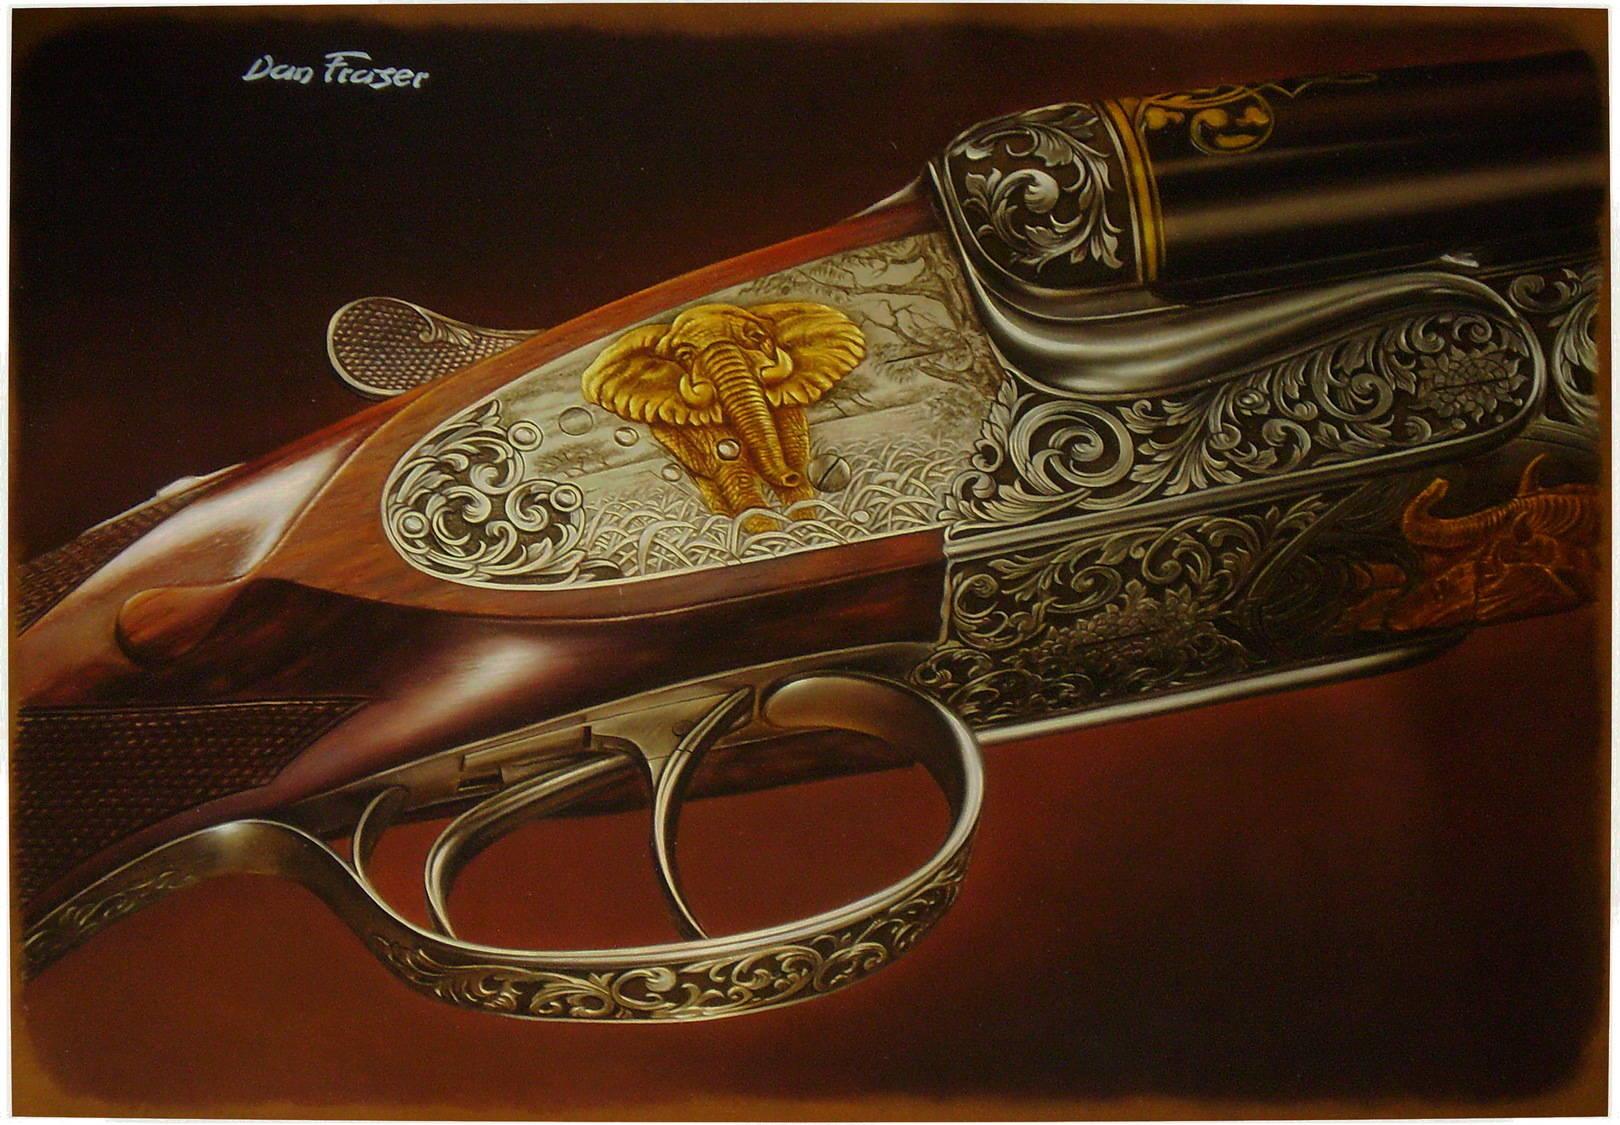 Dan Fraser кожа, масло, 70х50